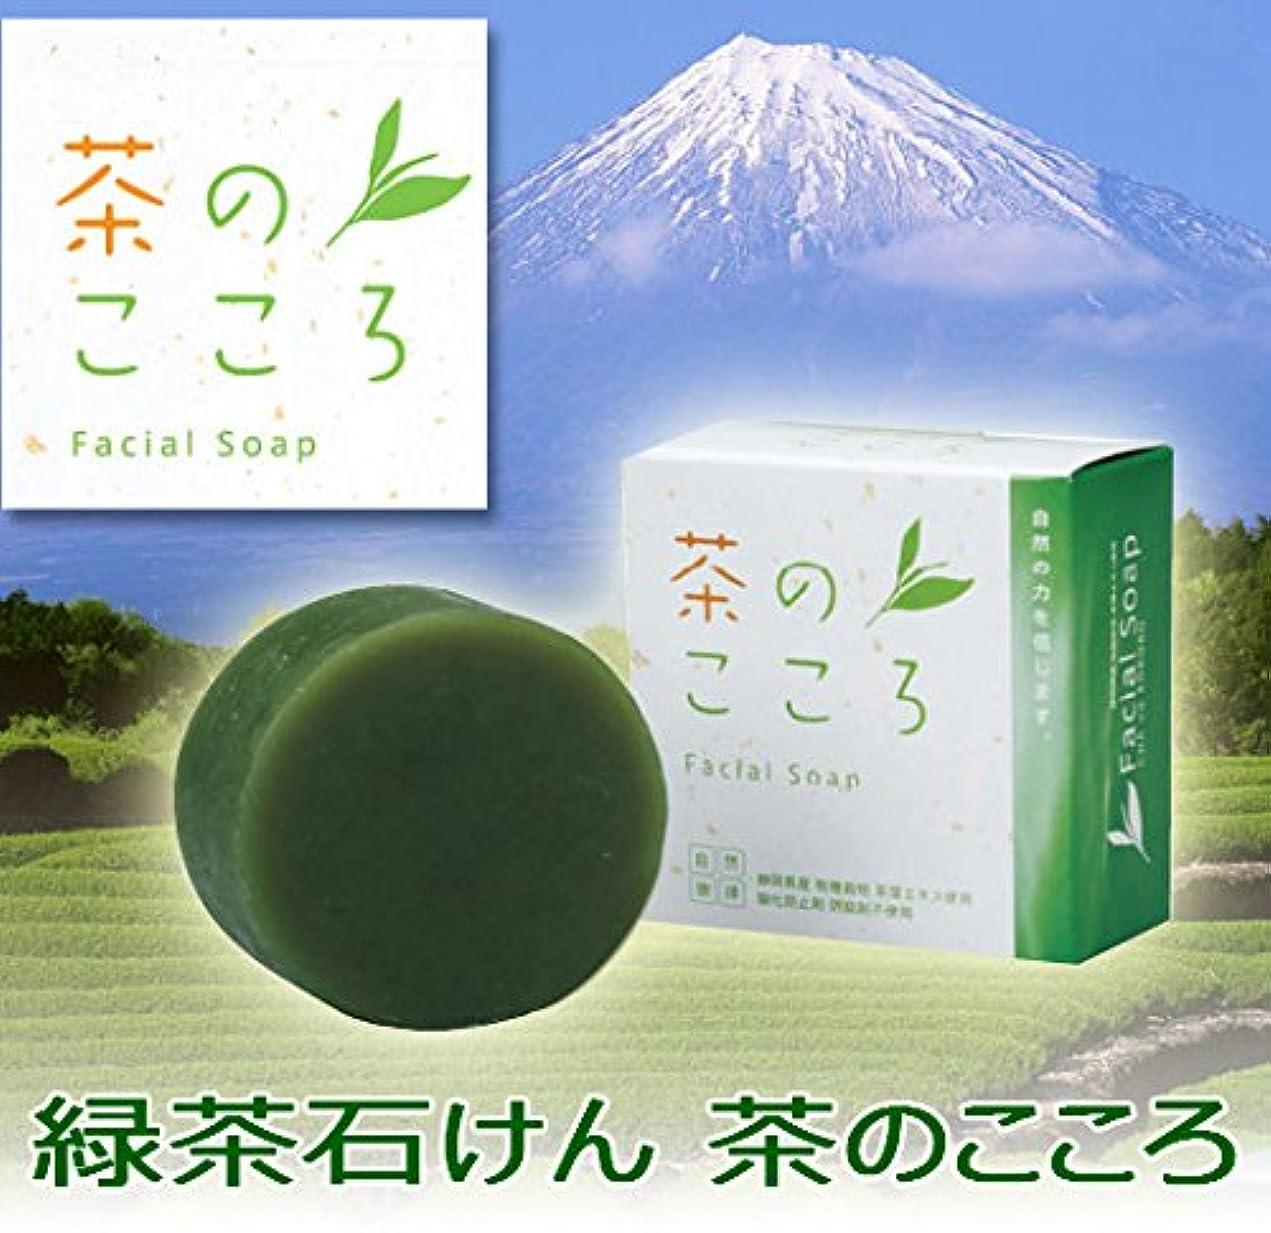 中断製品間違いなく緑茶石けん『茶のこころ』